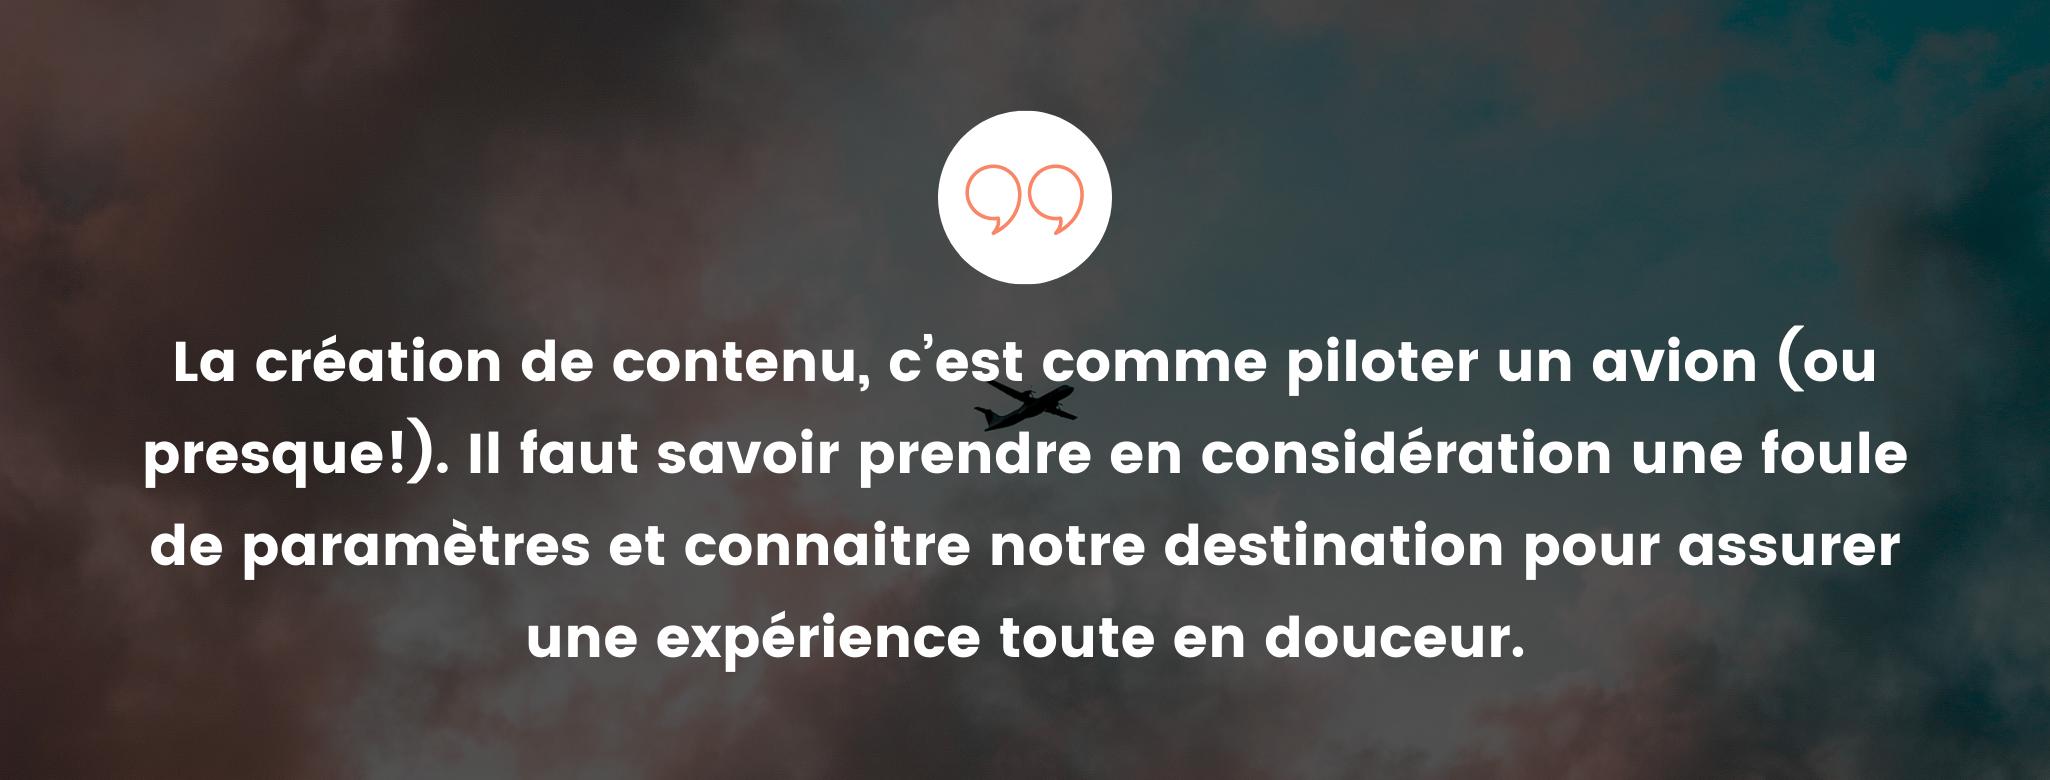 La création de contenu, c'est comme piloter un avion (ou presque!). Il faut savoir prendre en considération une foule de paramètres et connaitre notre destination pour assurer une expérience toute en douceur.